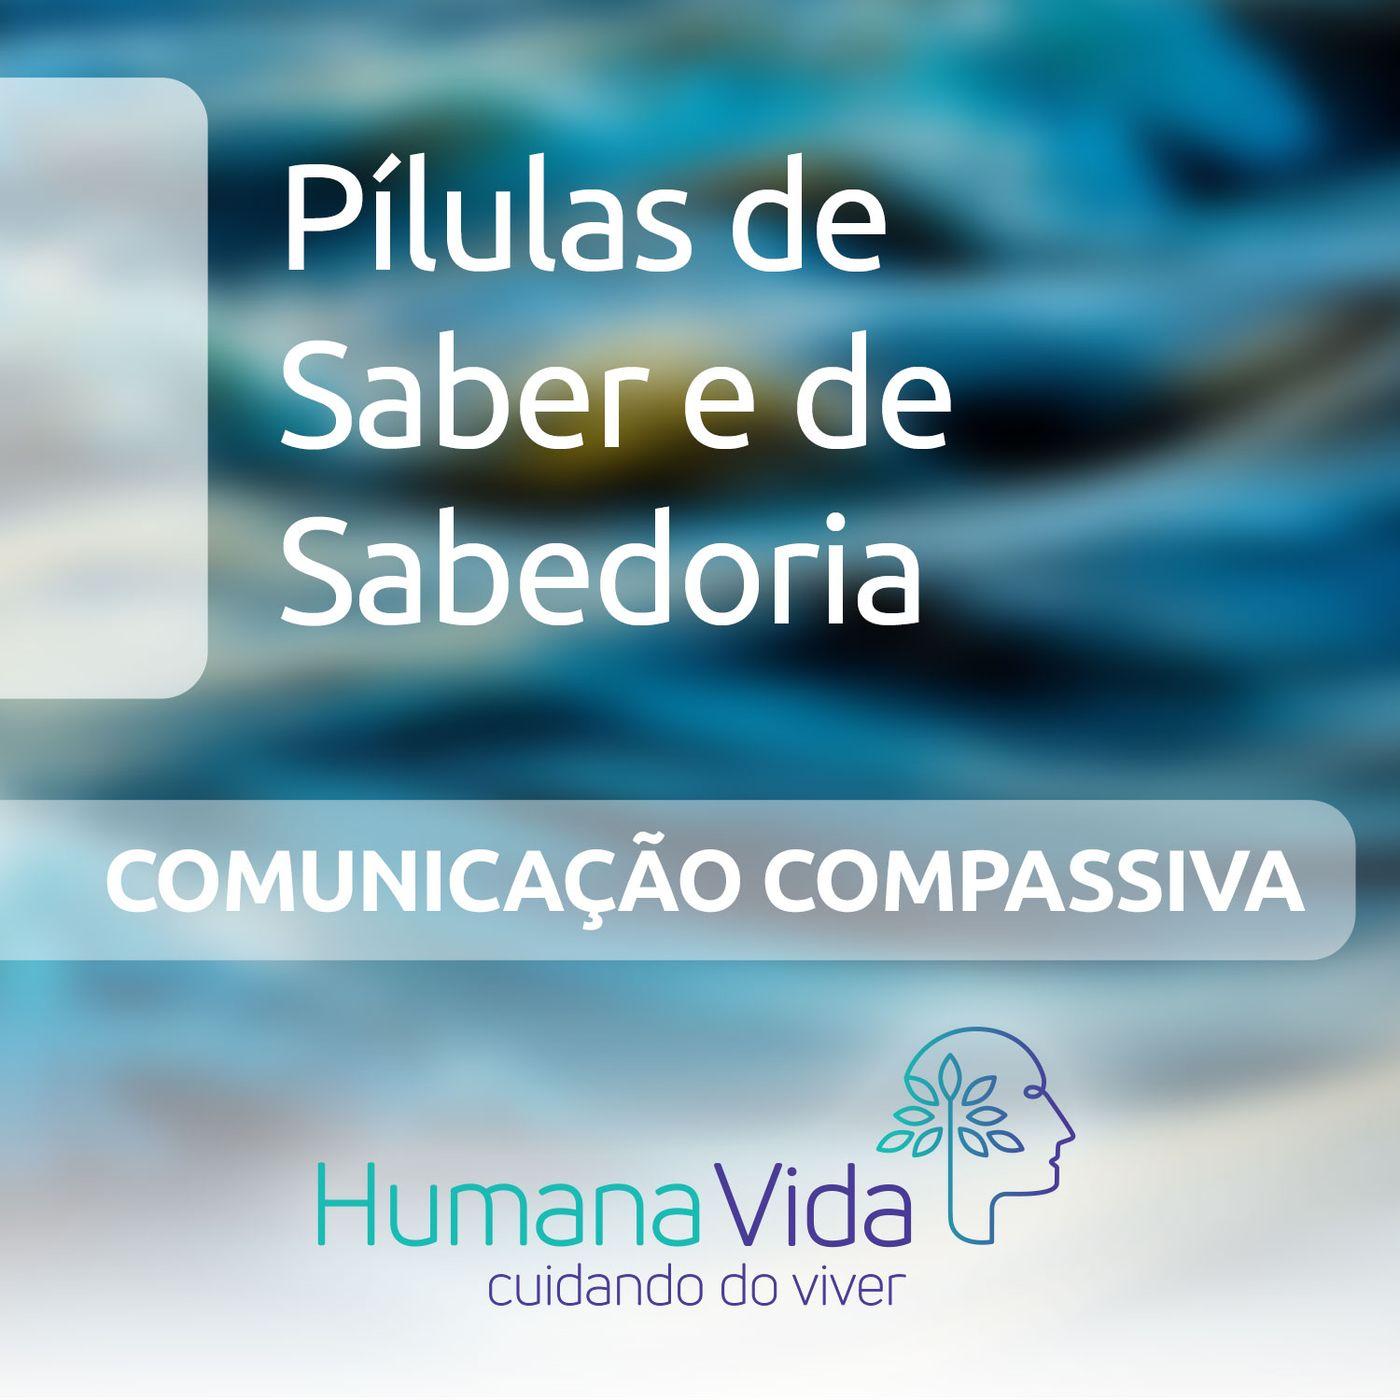 EP26 - Comunicação compassiva - Pausa 1